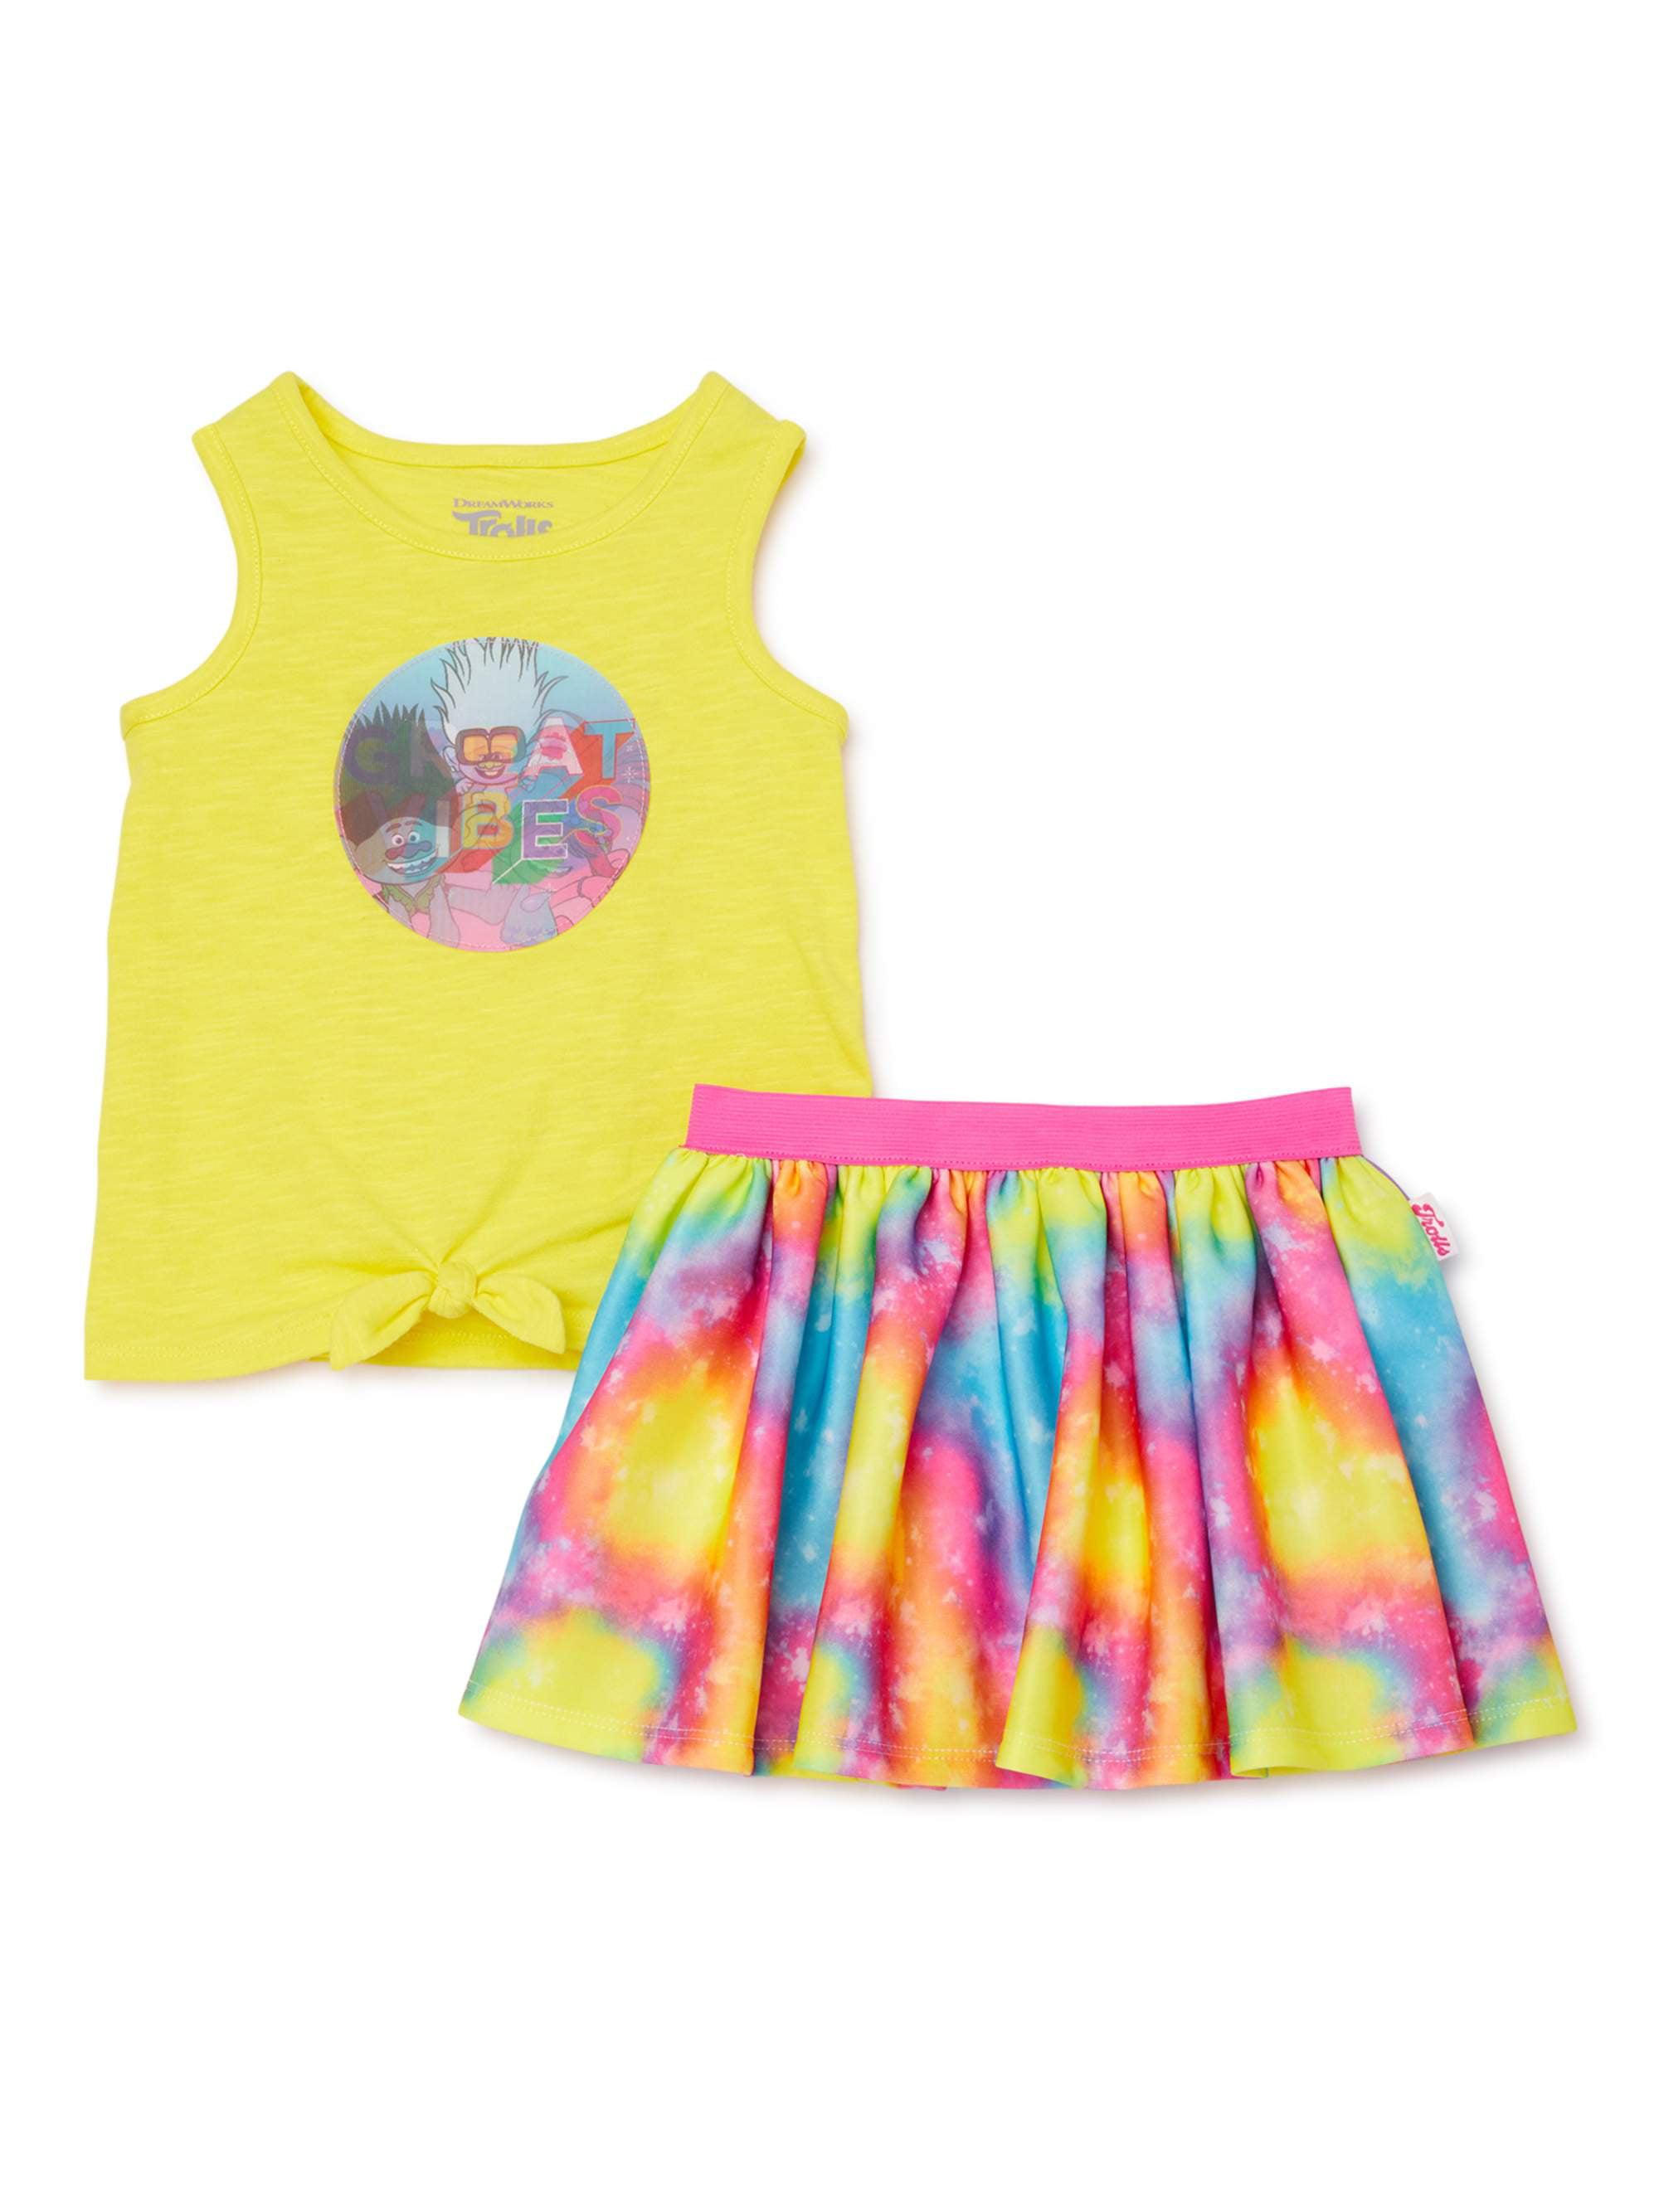 2 x//Set Pink T Shirt and Blue Denim Skirt for s Princess Dolls TDCH